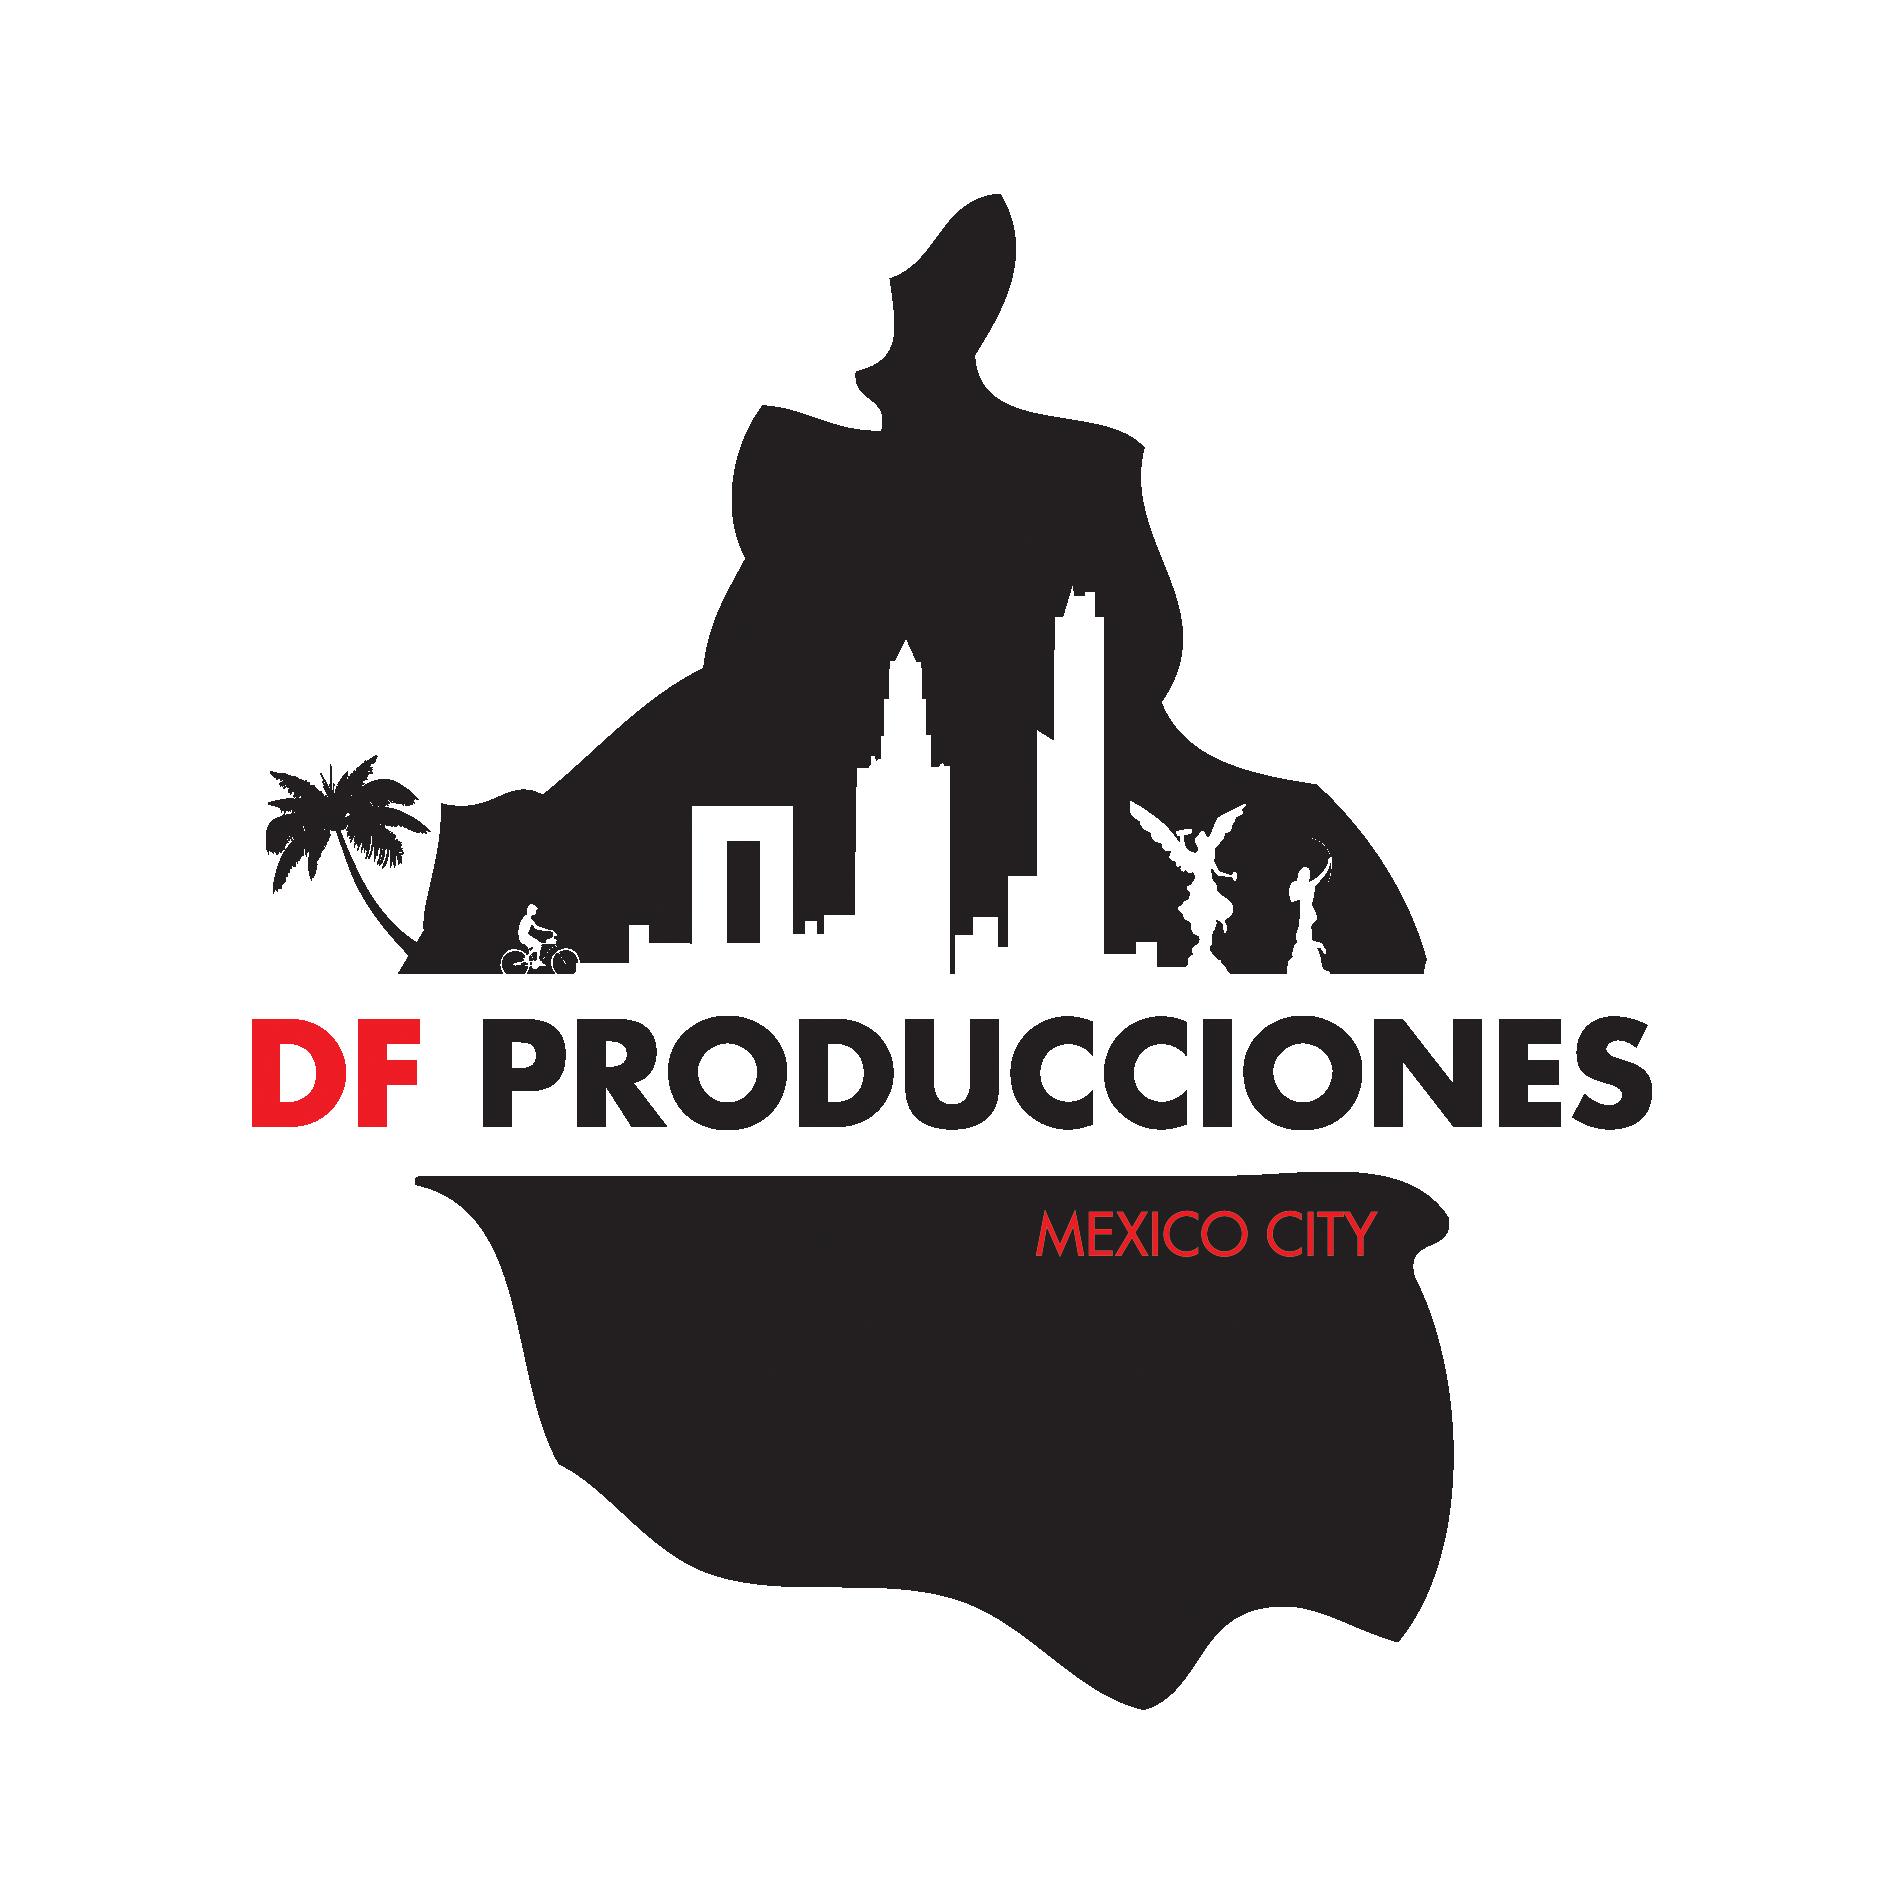 DF Producciones